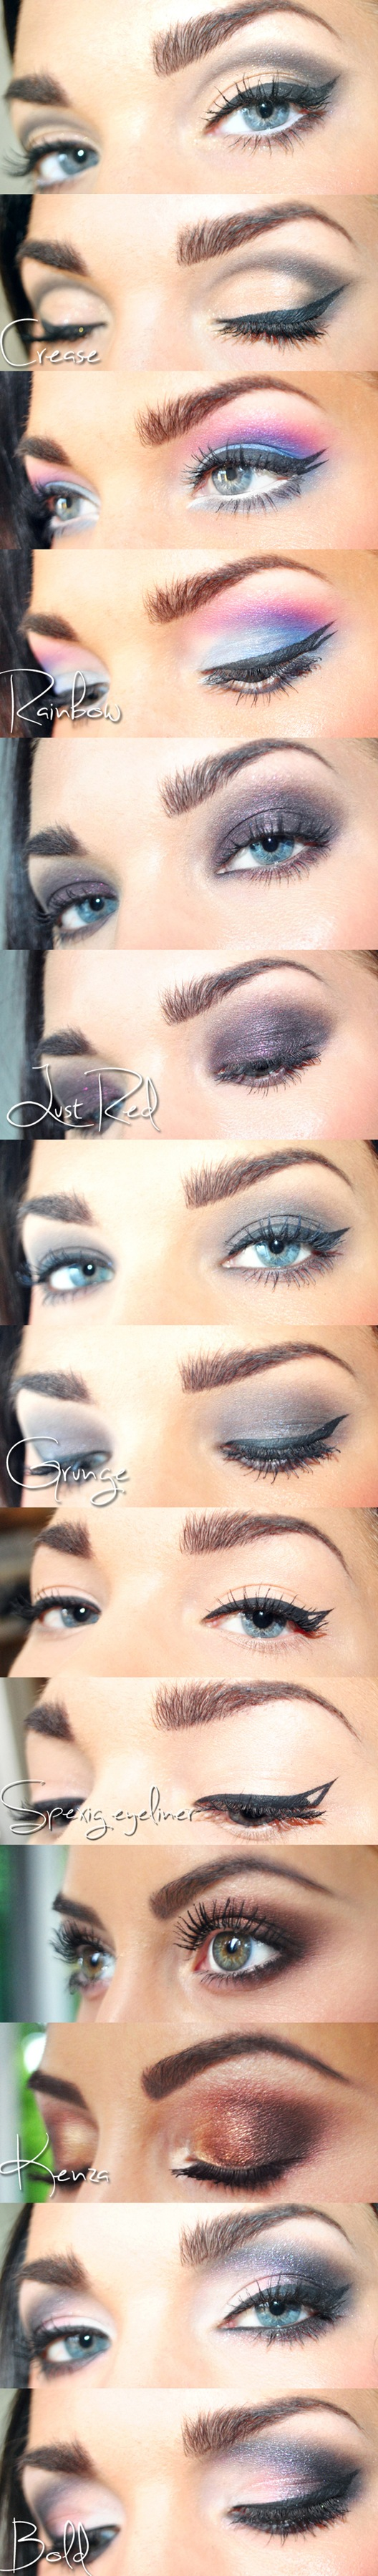 макияж глаз фото уроки